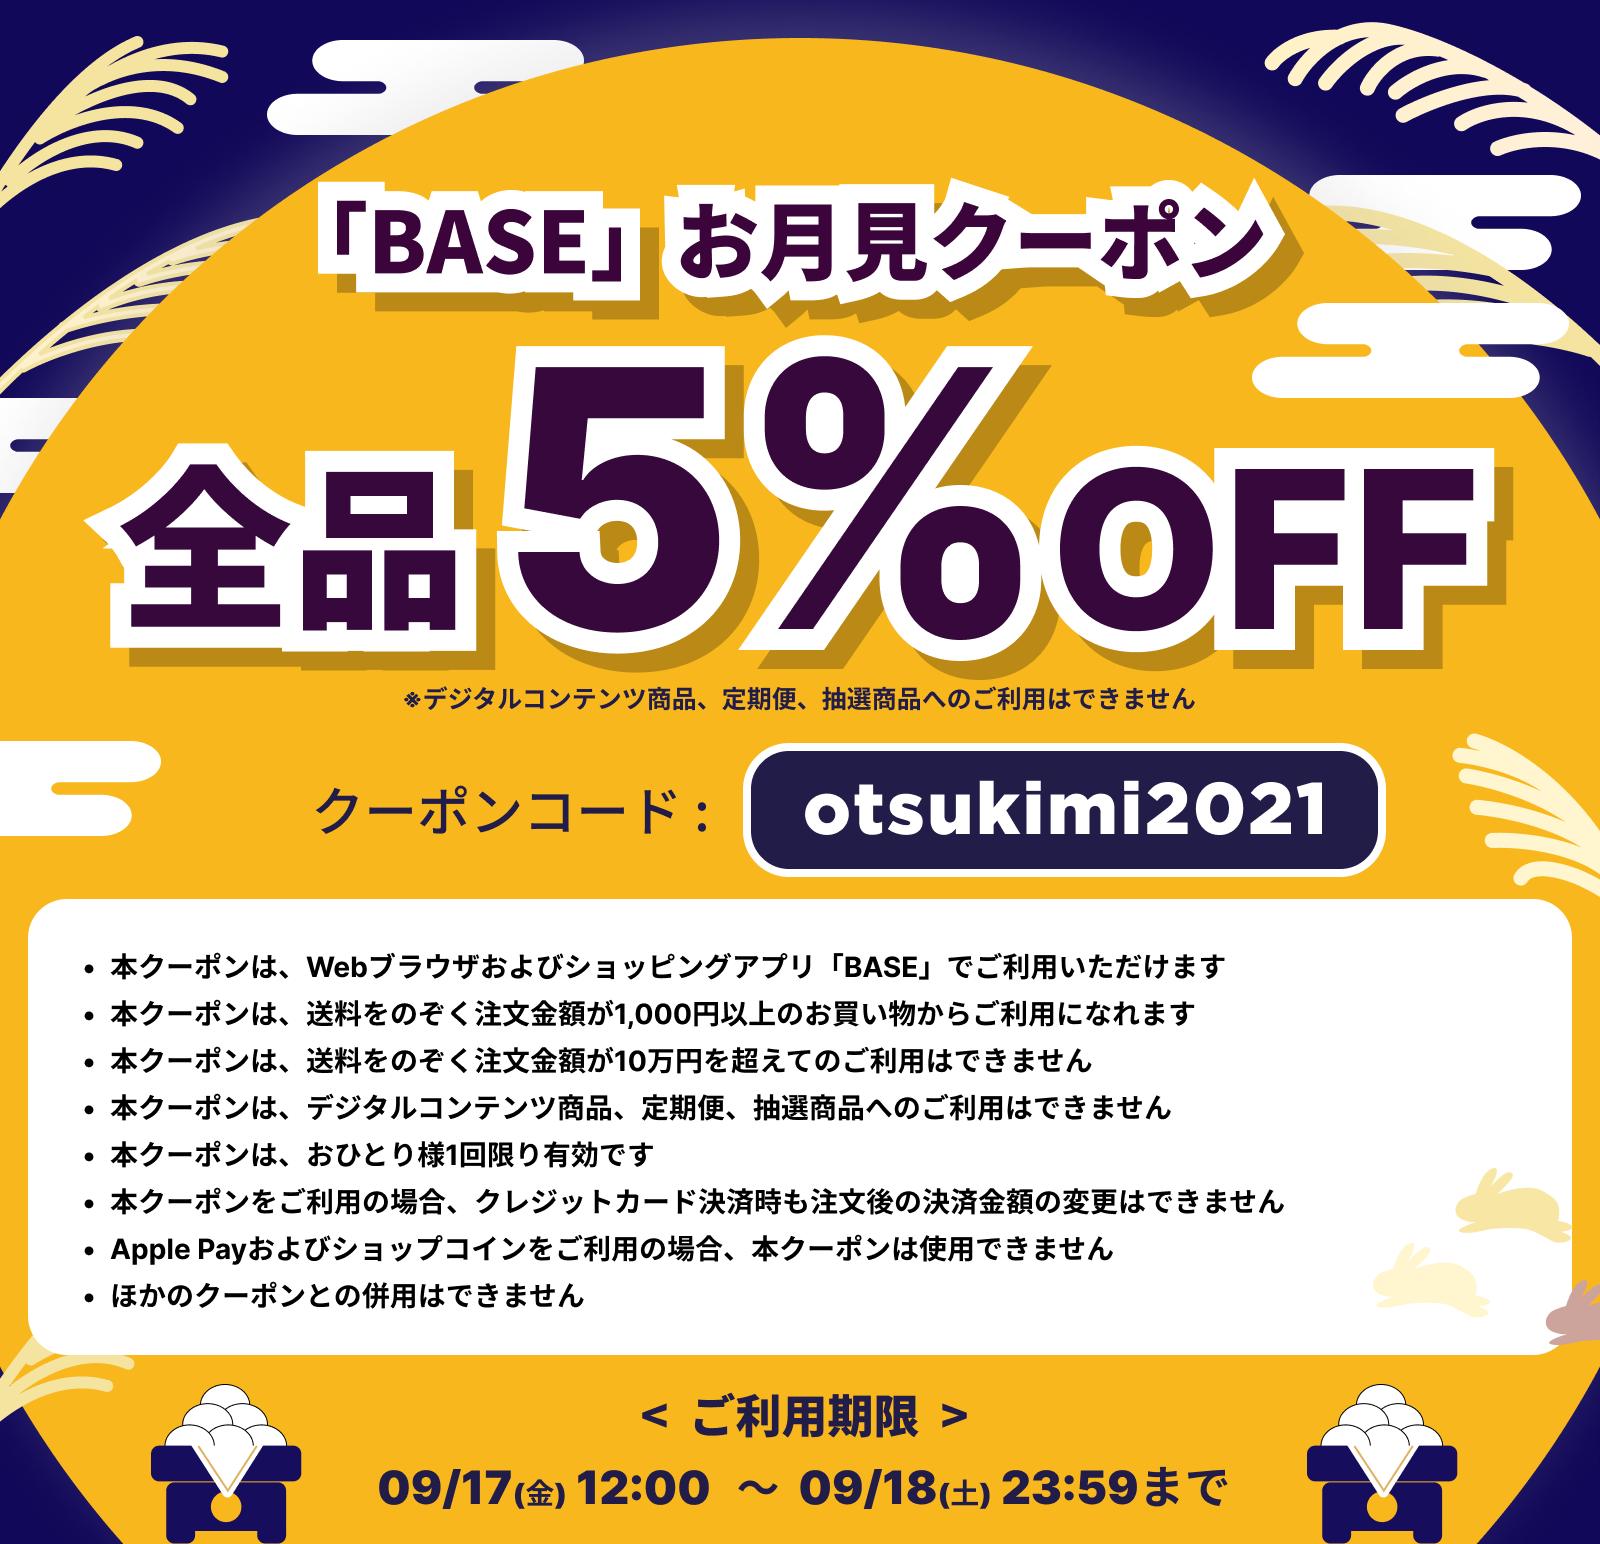 【9/17(金)~9/18(土)期間限定】お買物5%OFFお月見クーポン配布💝